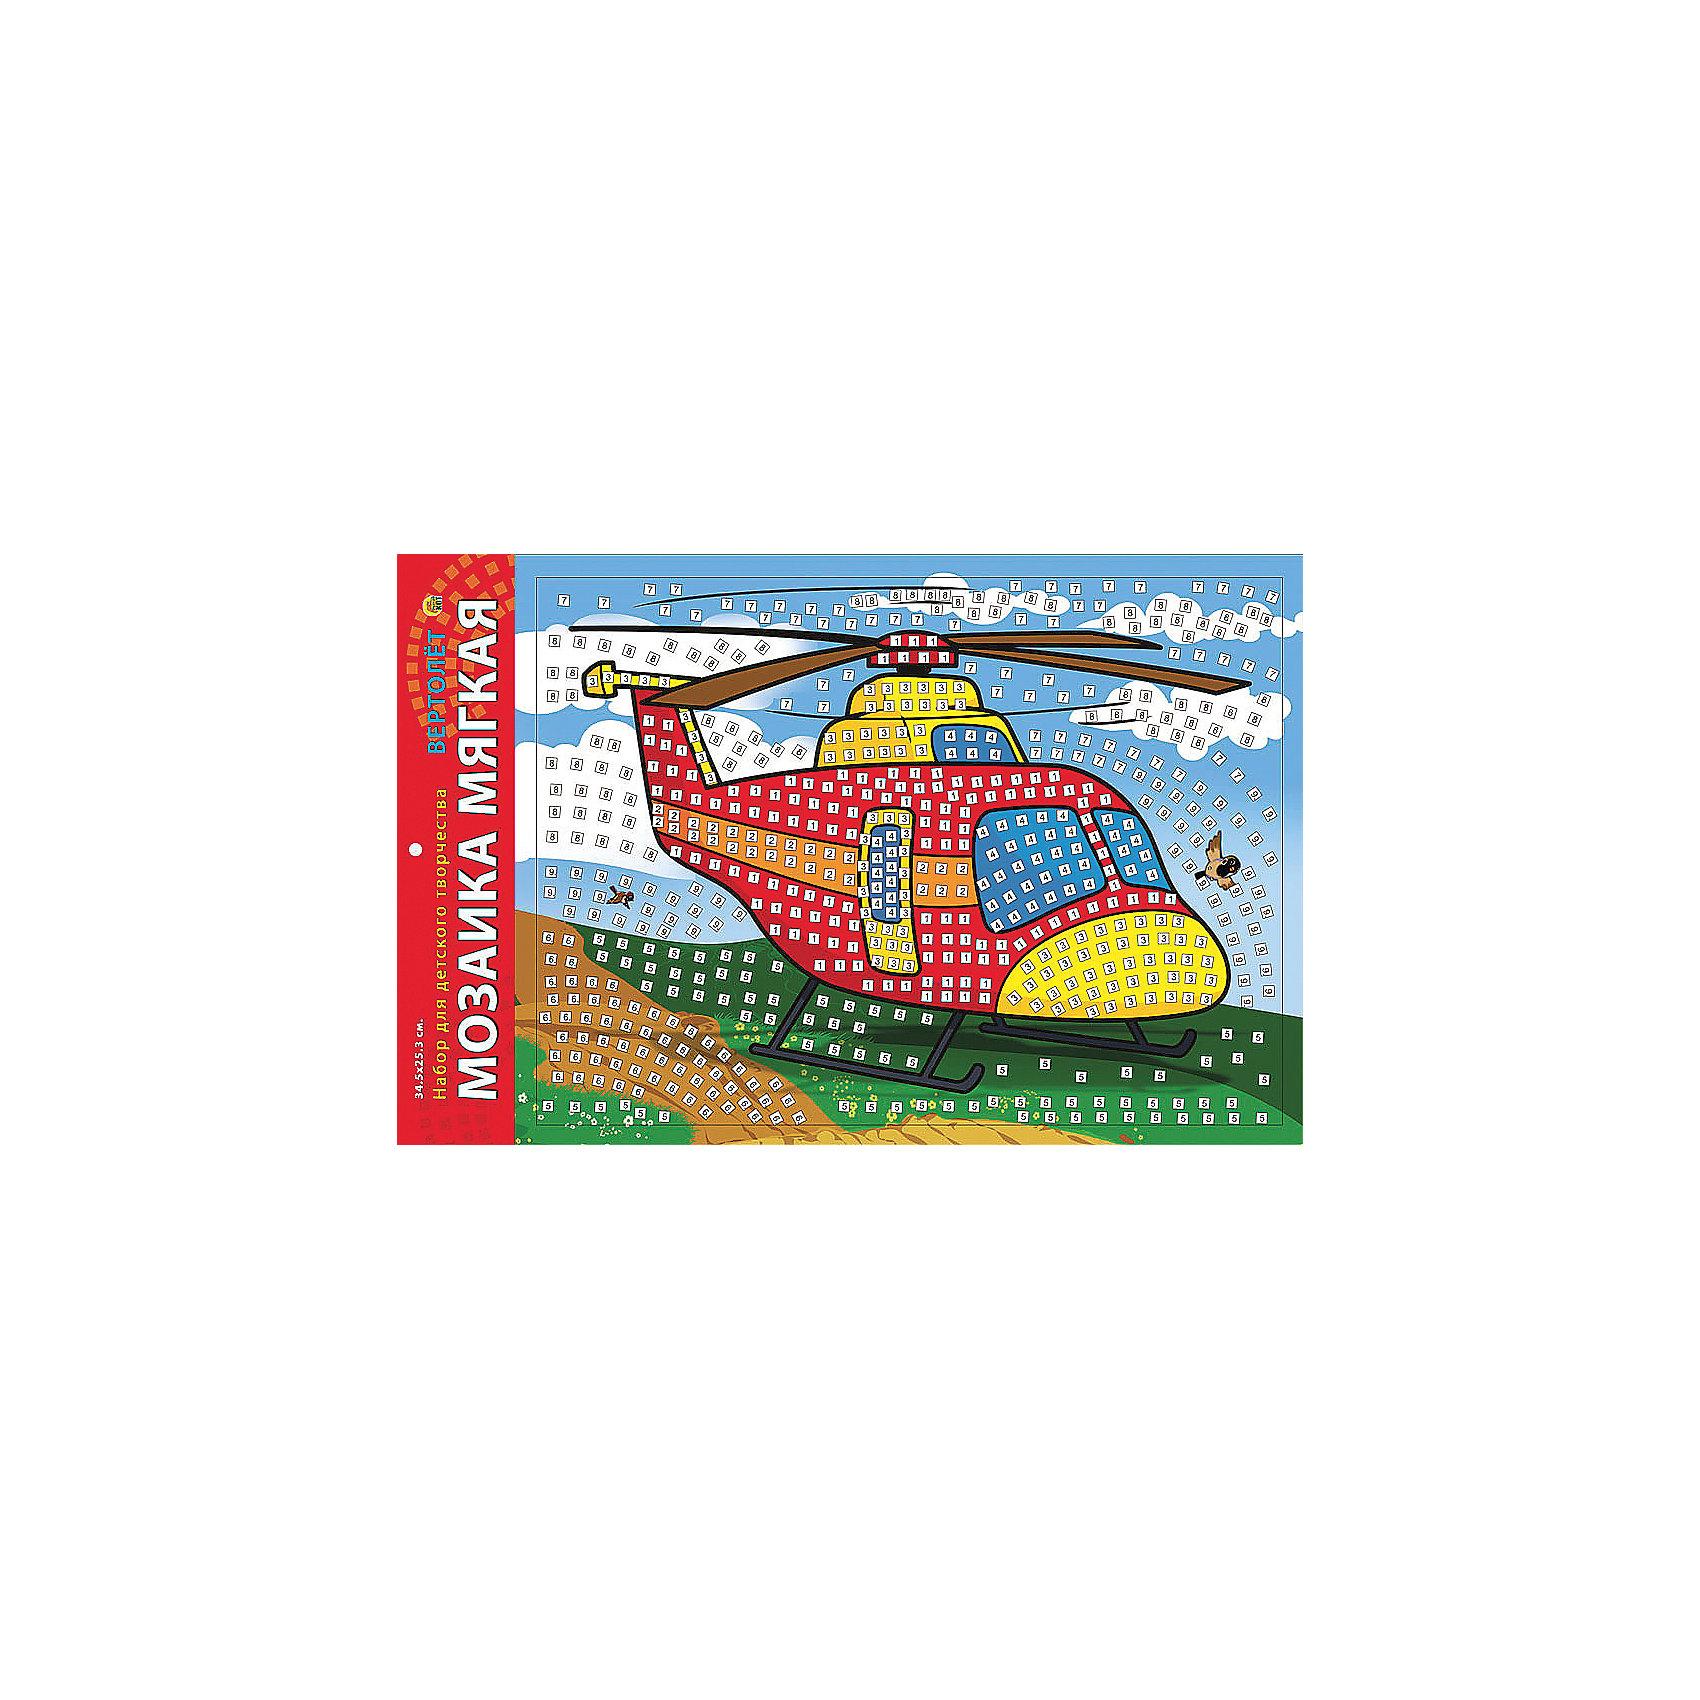 Издательство Рыжий кот Мягкая мозаика Вертолет, формат А3 (34.5х25 см) издательство рыжий кот мягкая мозаика веселый самолет формат а5 21х15 см